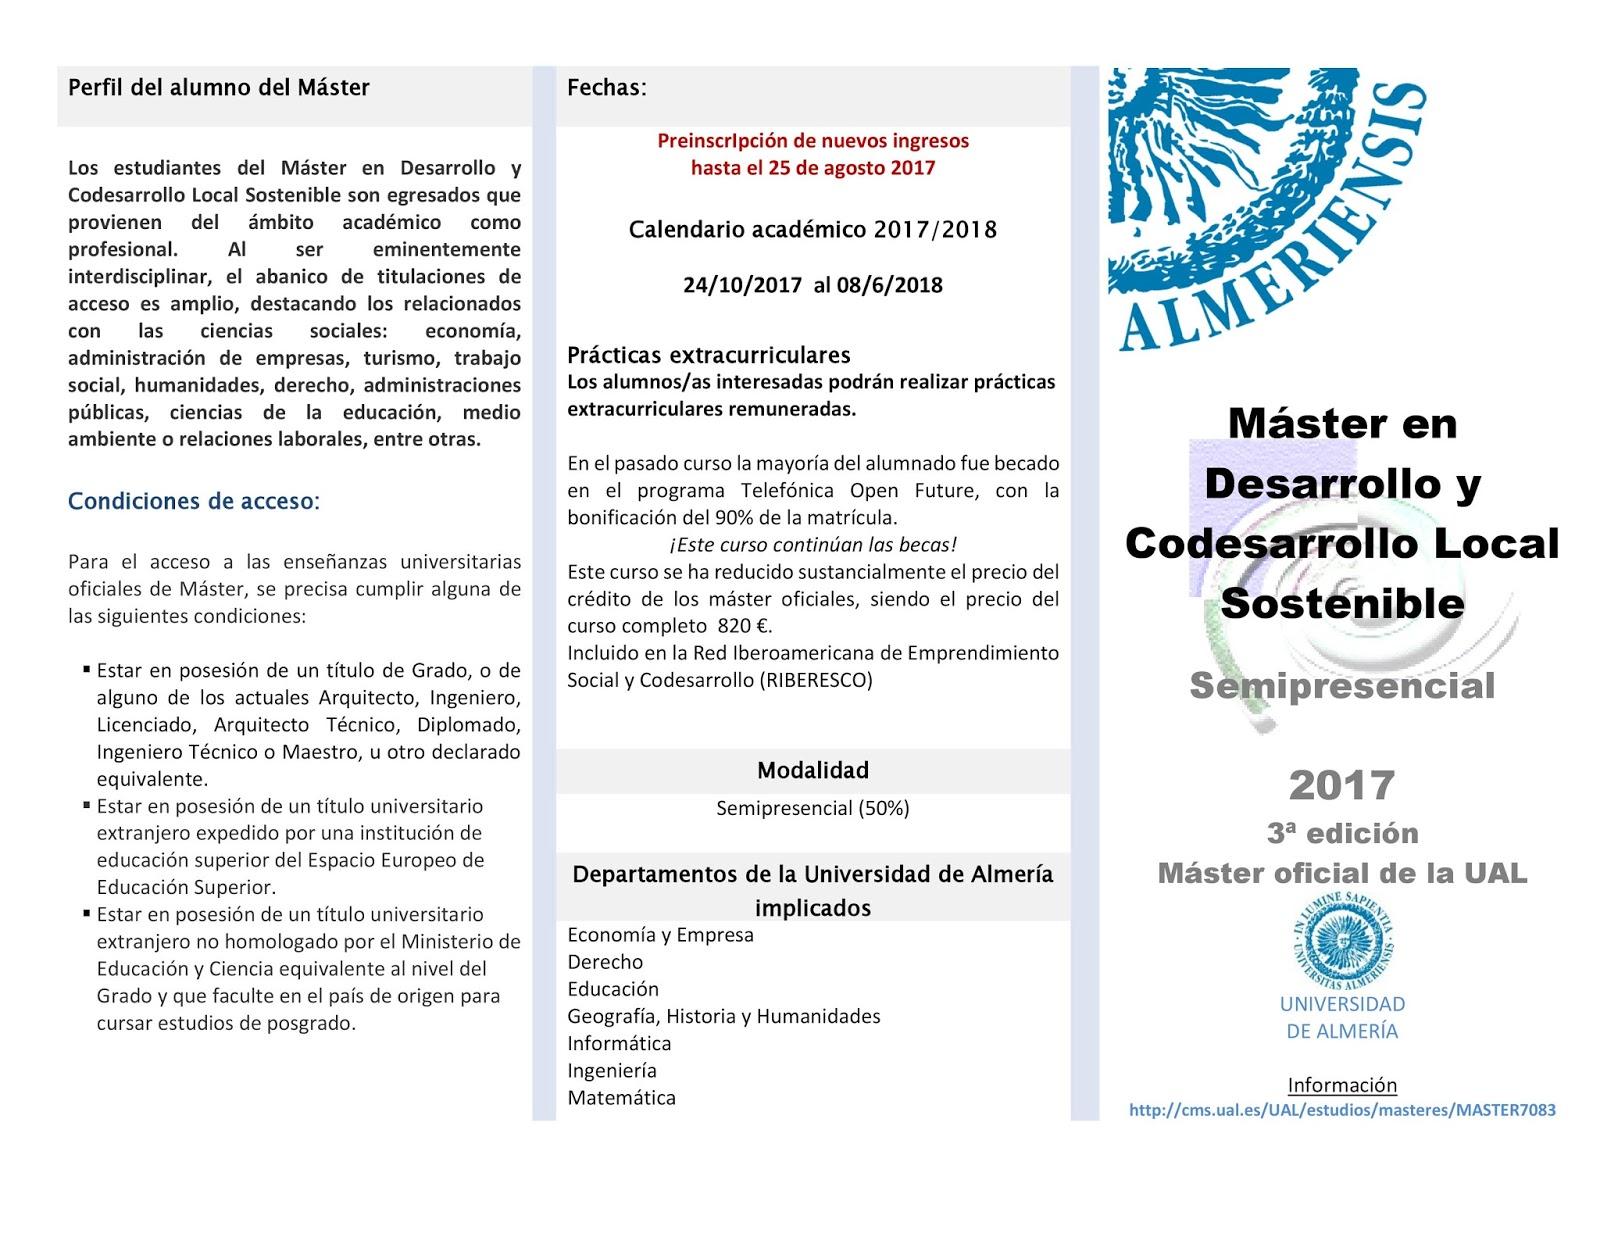 Calendario Ual.Orienta Sue Master Universitario En Desarrollo Y Codesarrollo Local